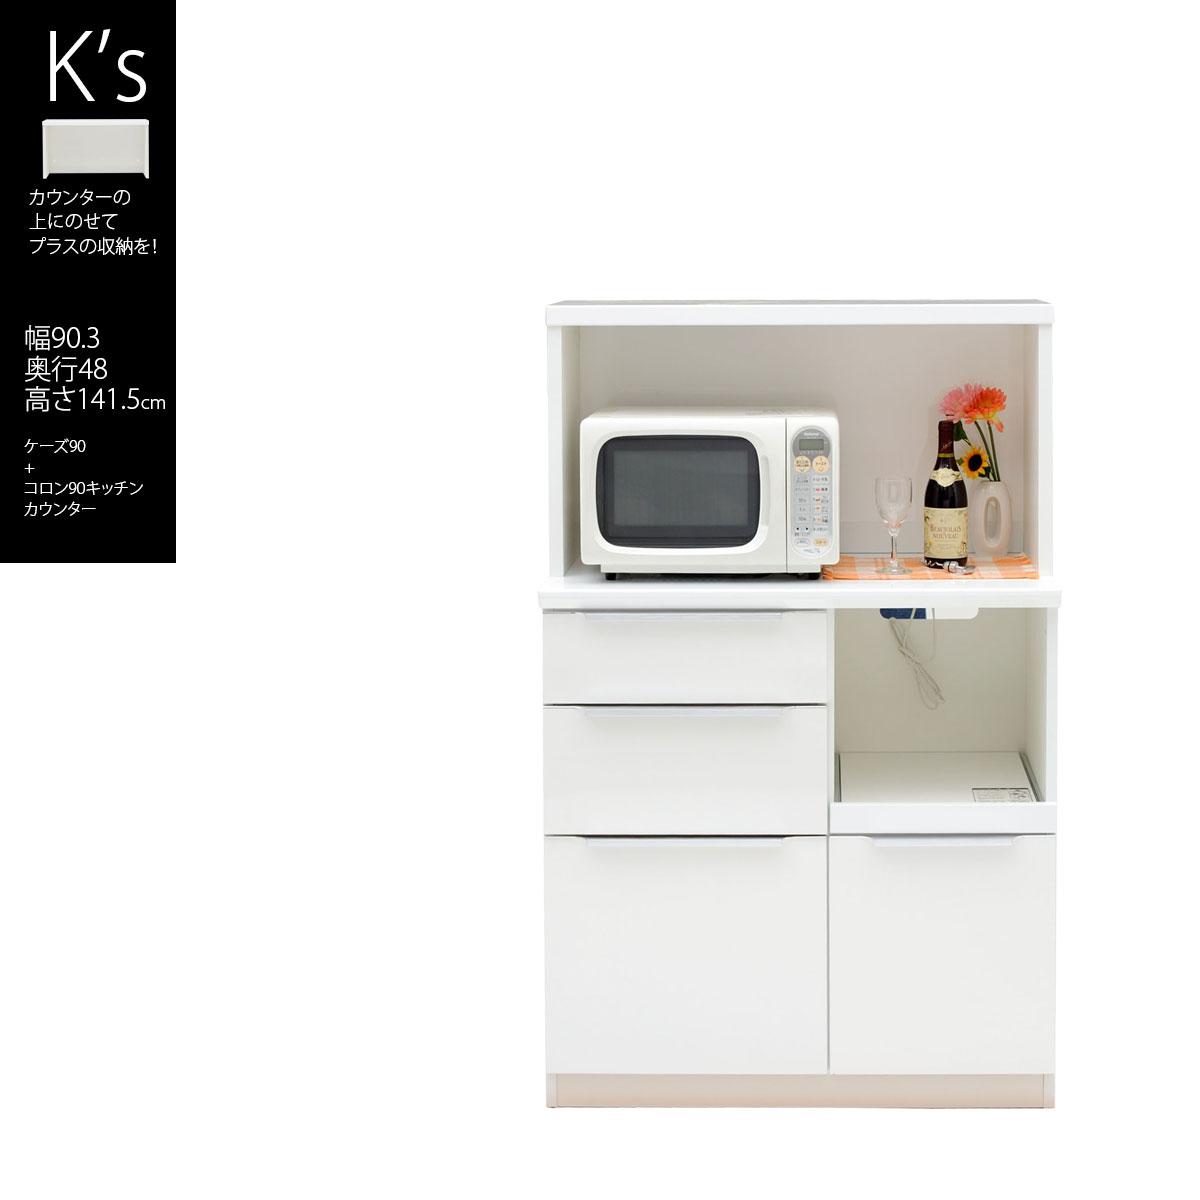 共和産業 ケーズ コロン キッチンカウンター 90 ホワイト【幅90.3×高さ93cm】 日本製 国産